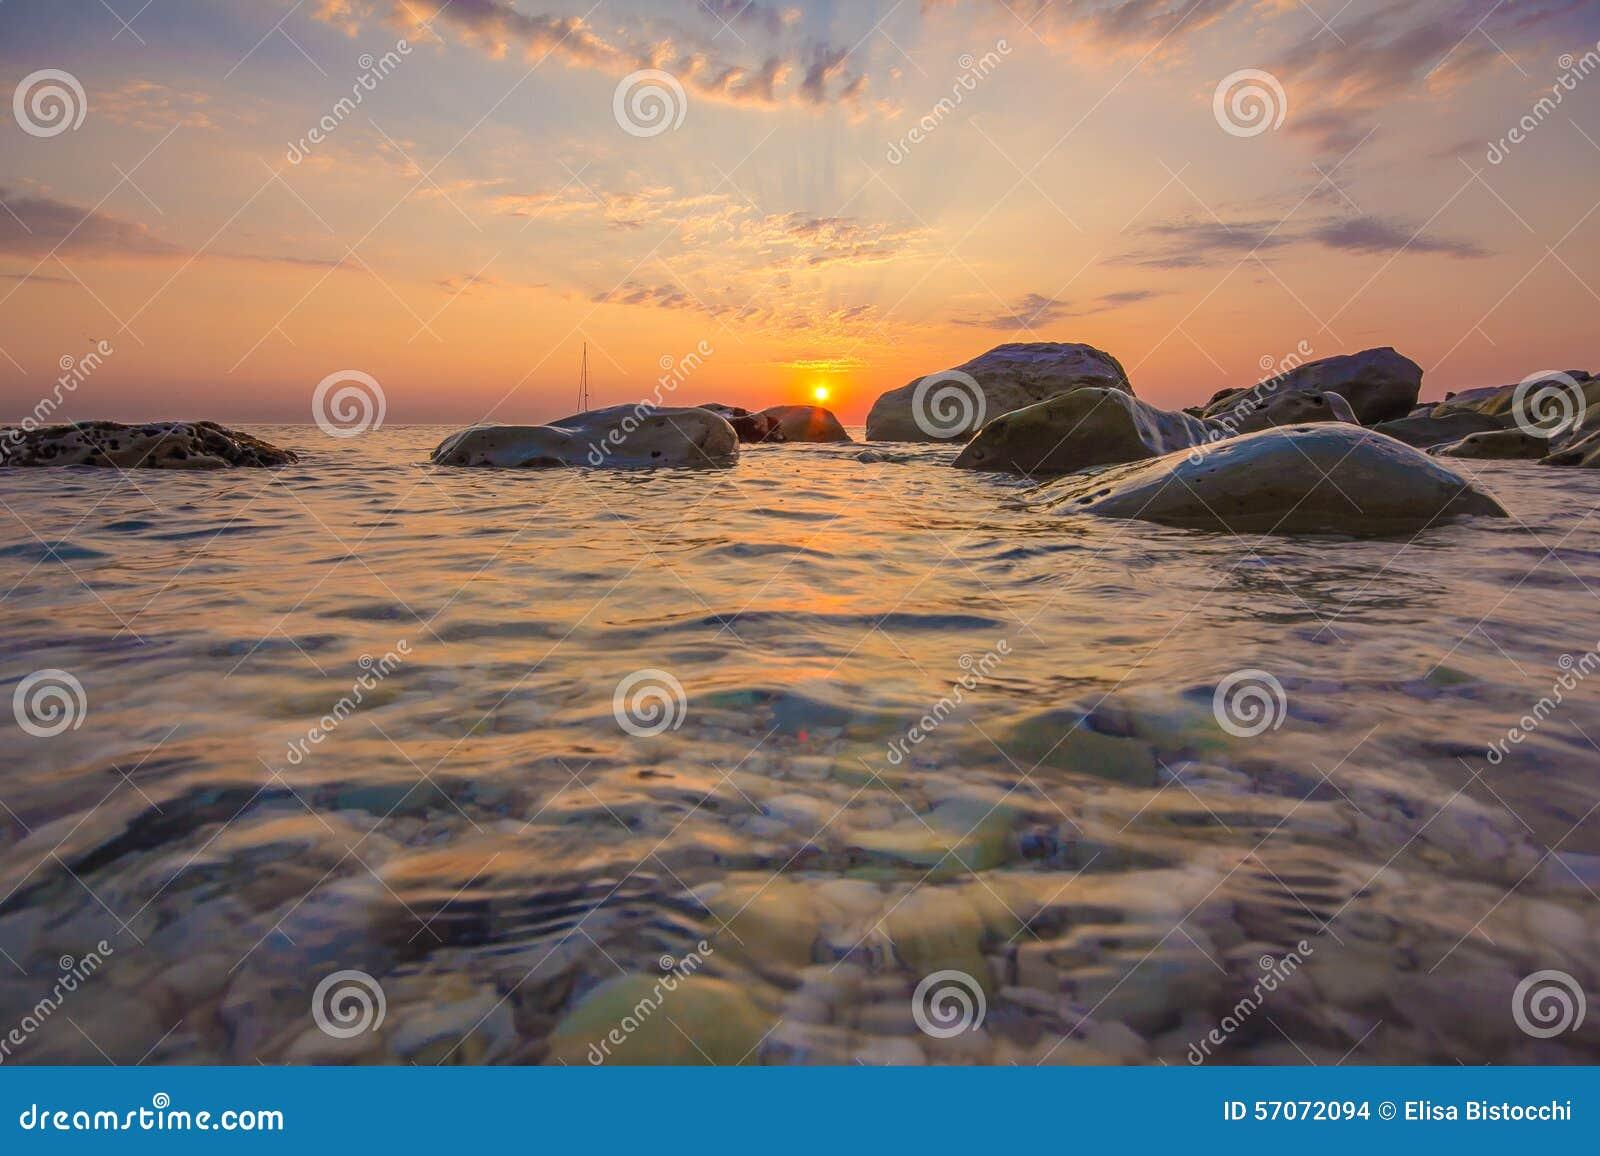 Romantische zonsopgang over het overzees